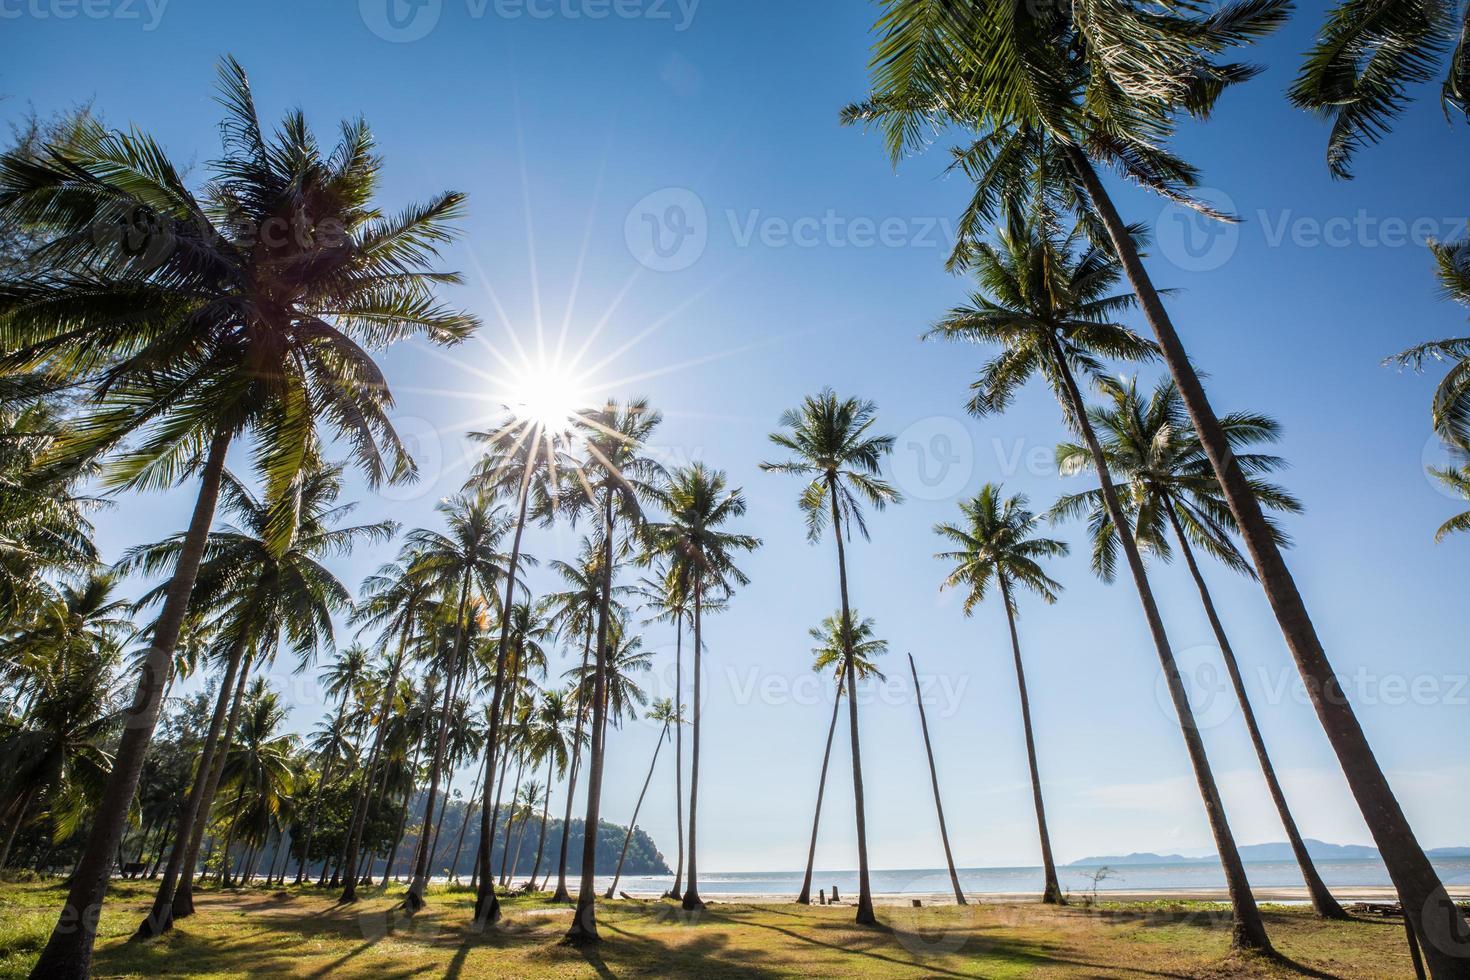 kokospalmen op een strand foto